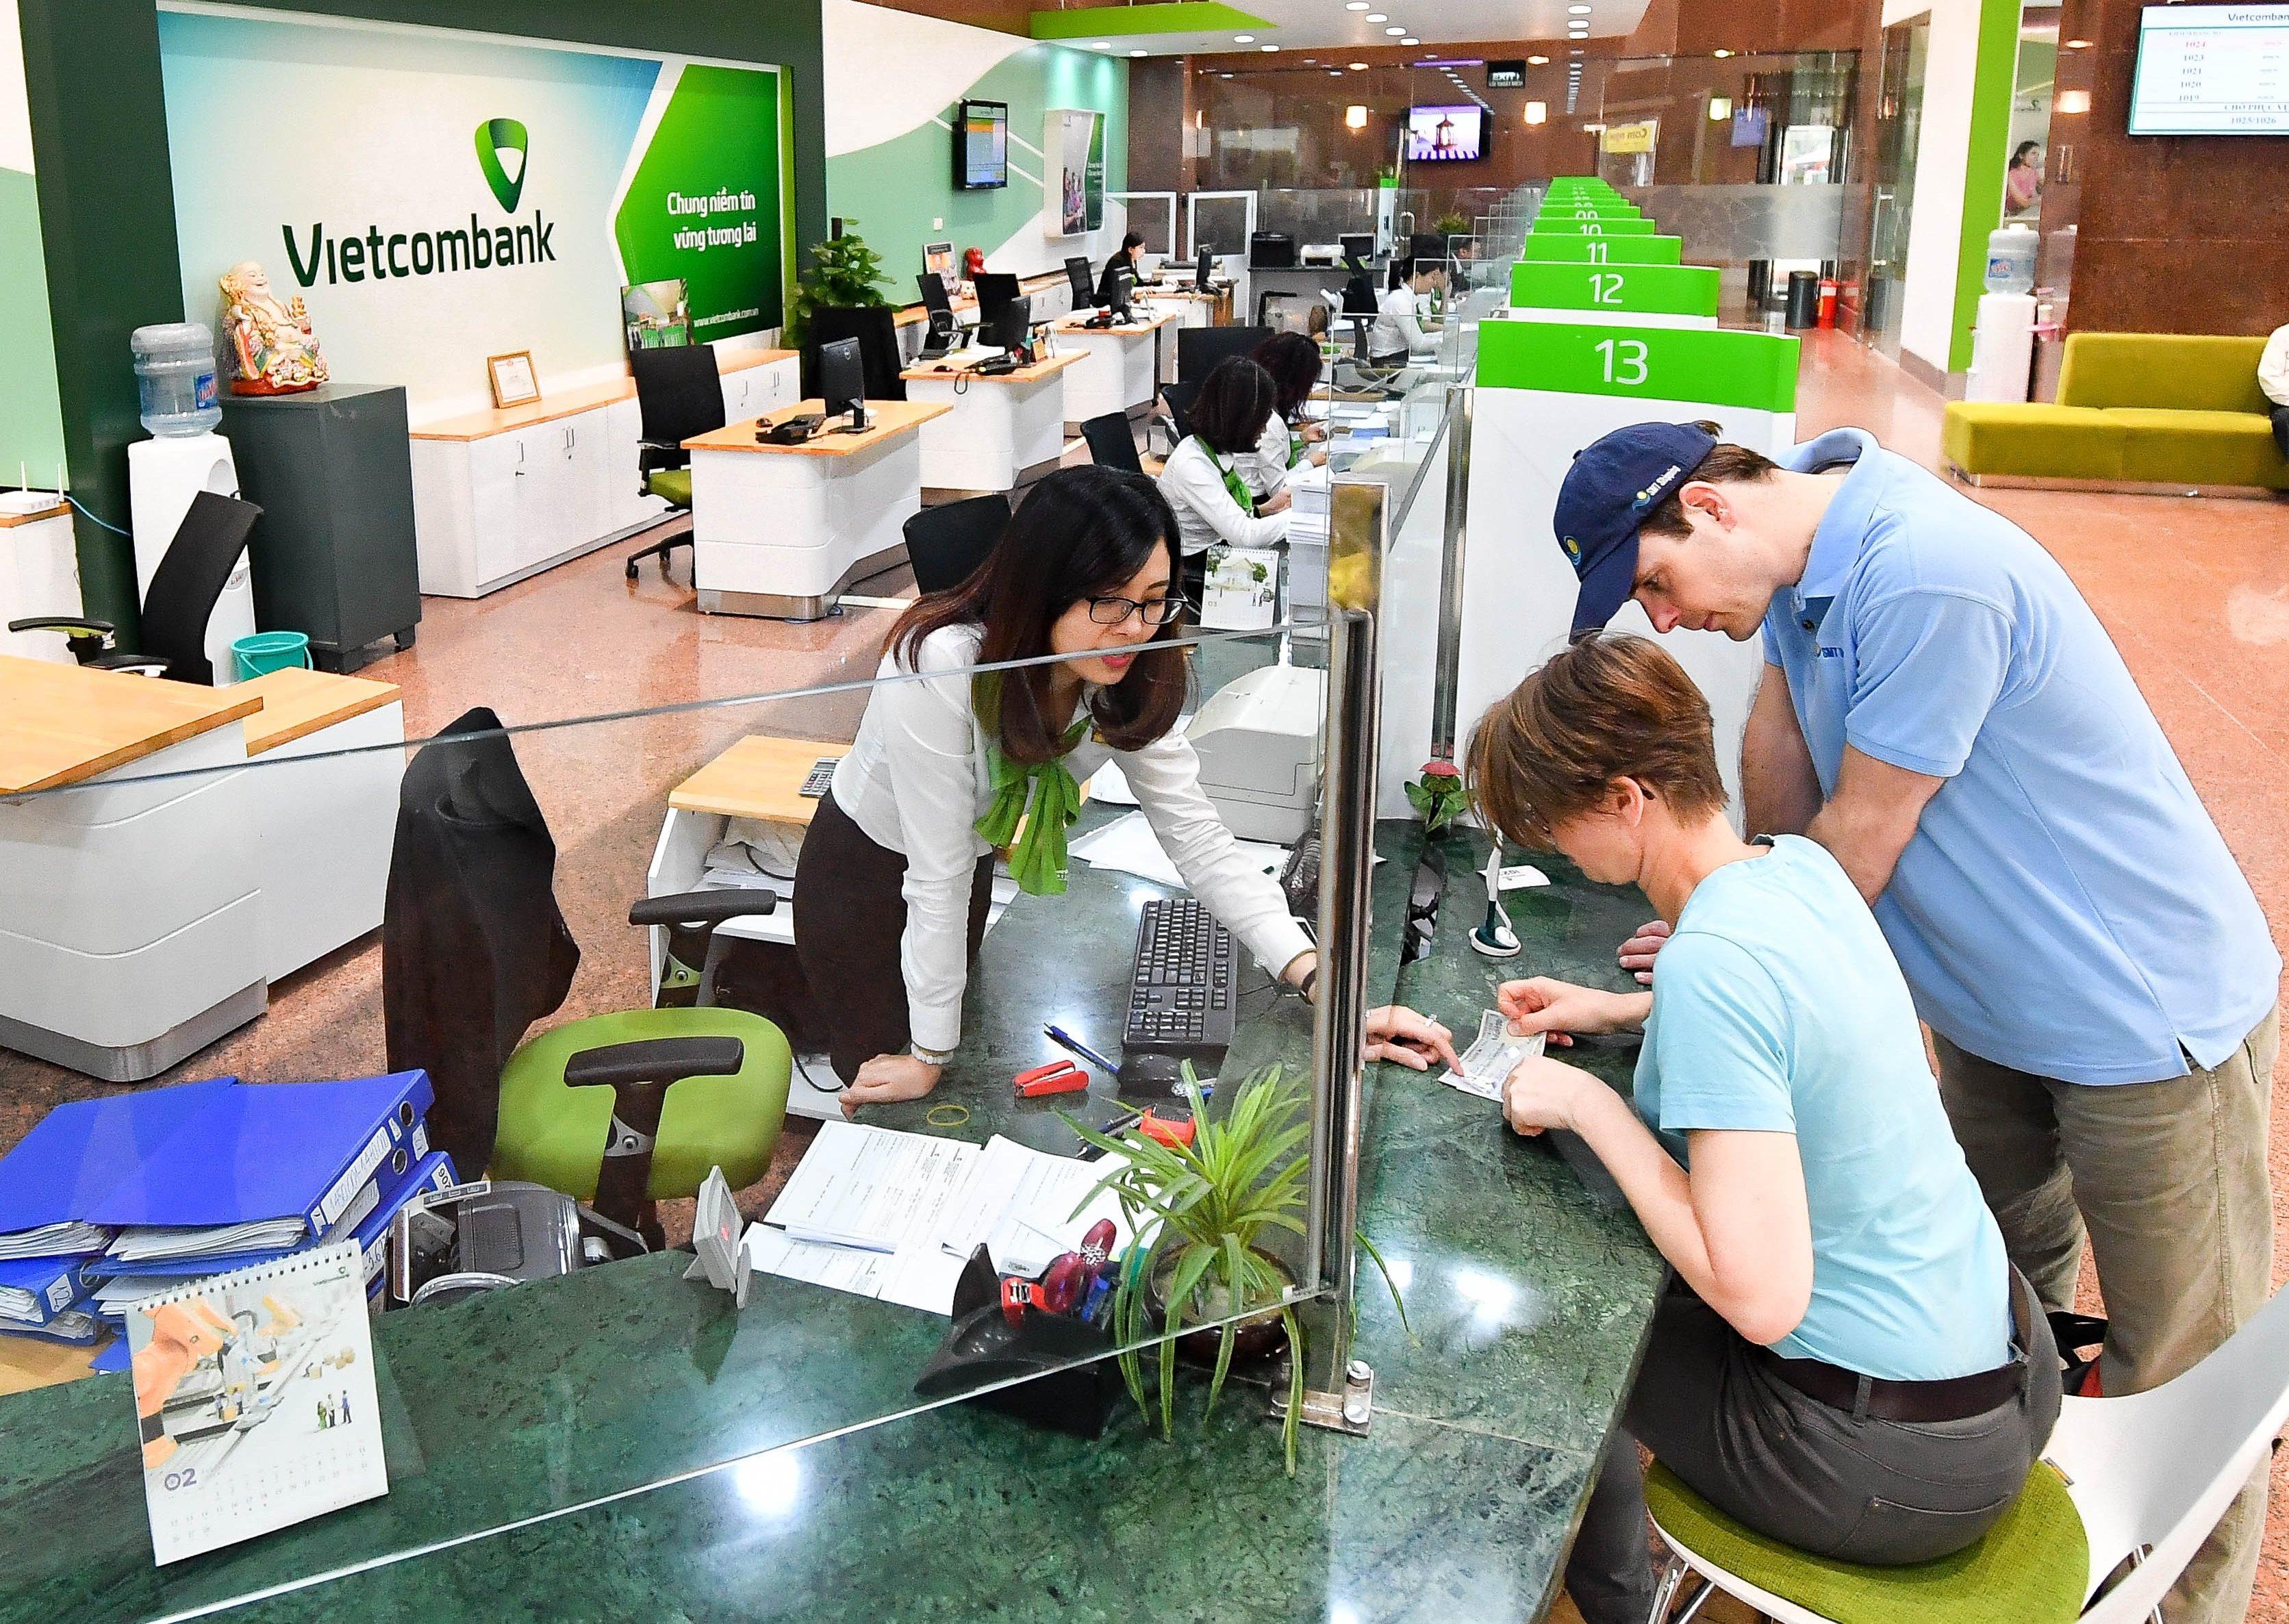 Vietcombank tiếp tục là thương hiệu ngân hàng có giá trị nhất Việt Nam - Ảnh 2